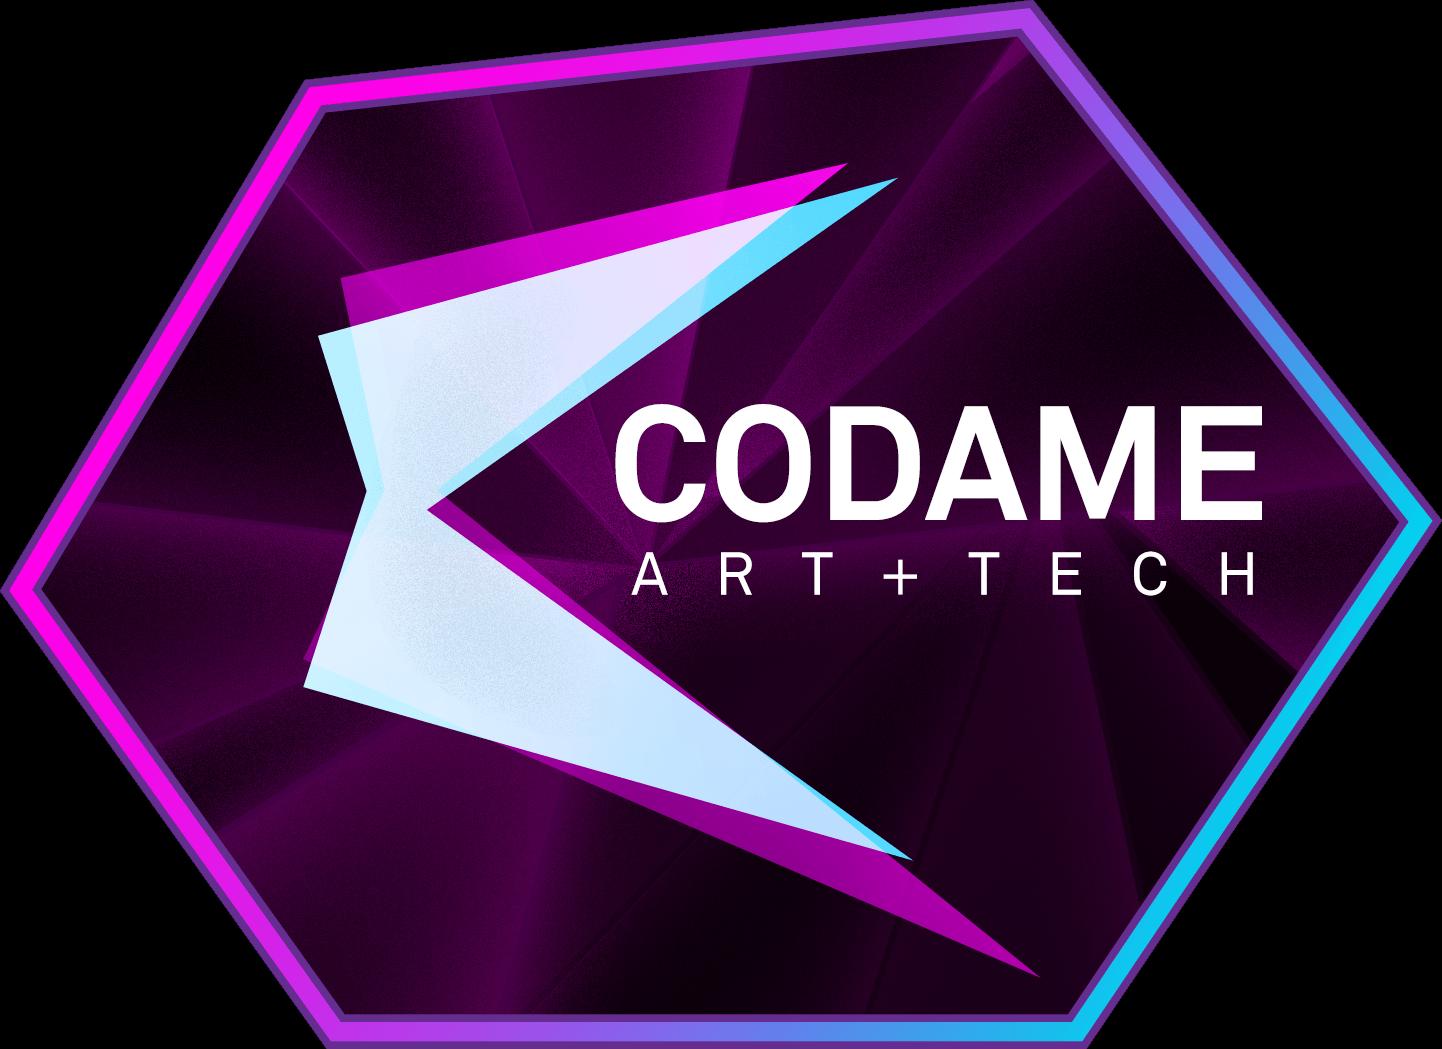 CODAME.logo